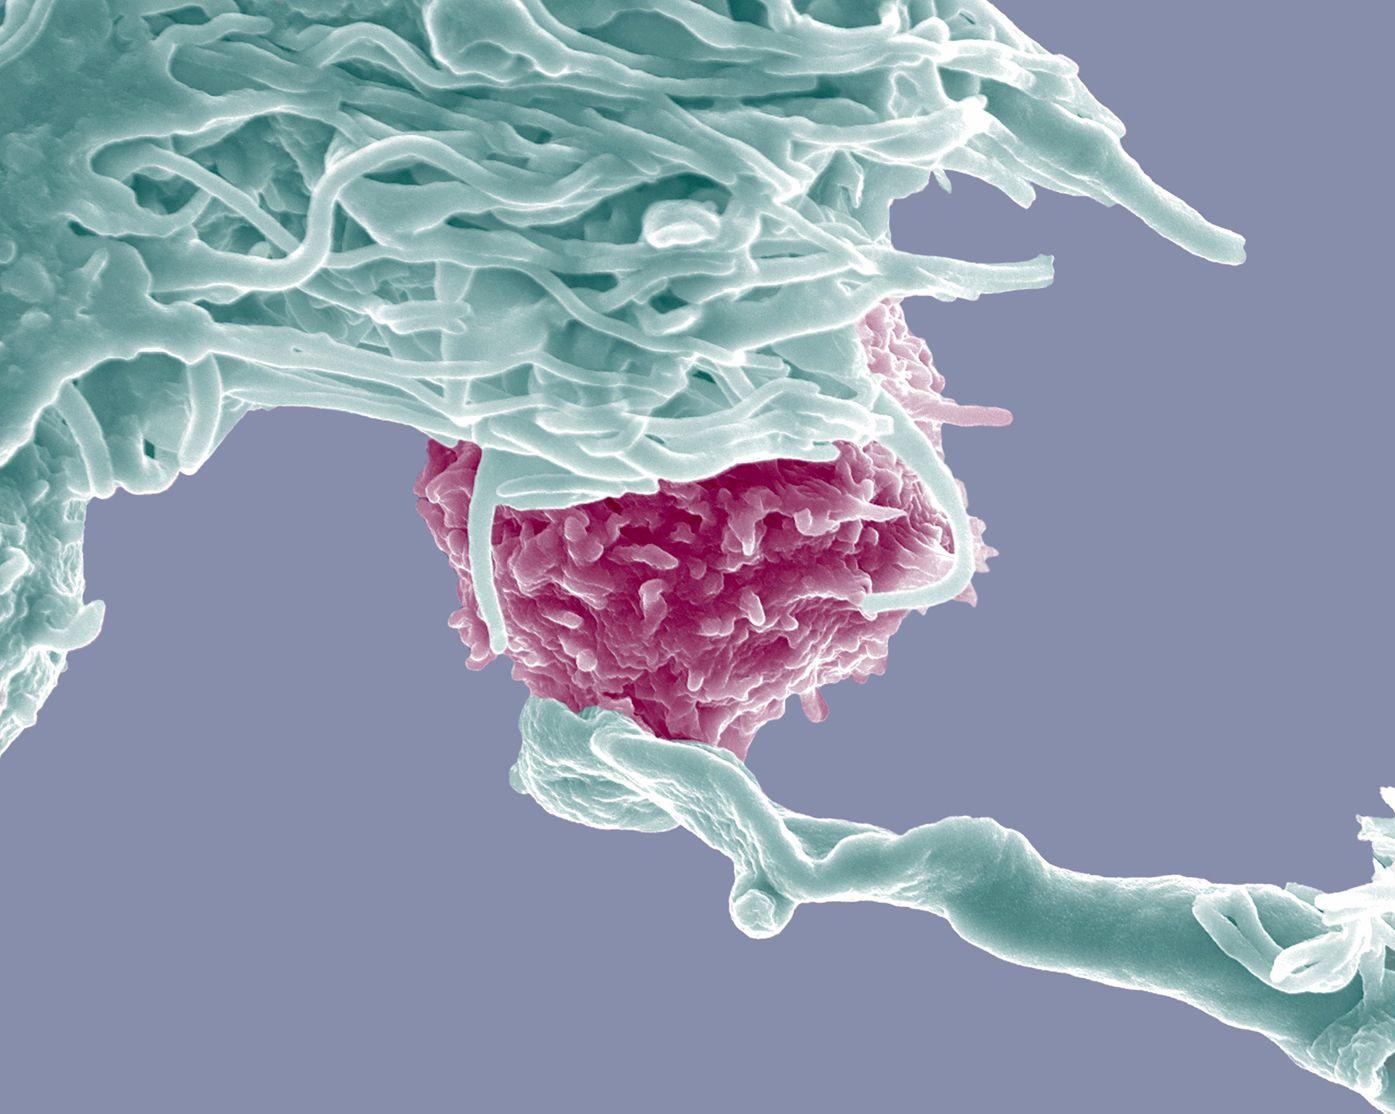 Imuno-oncologia, terapia revoluționară care activează sistemul imunitar să recunoască celulele canceroase și să le distrugă fără să afecteze celulele sănătoase